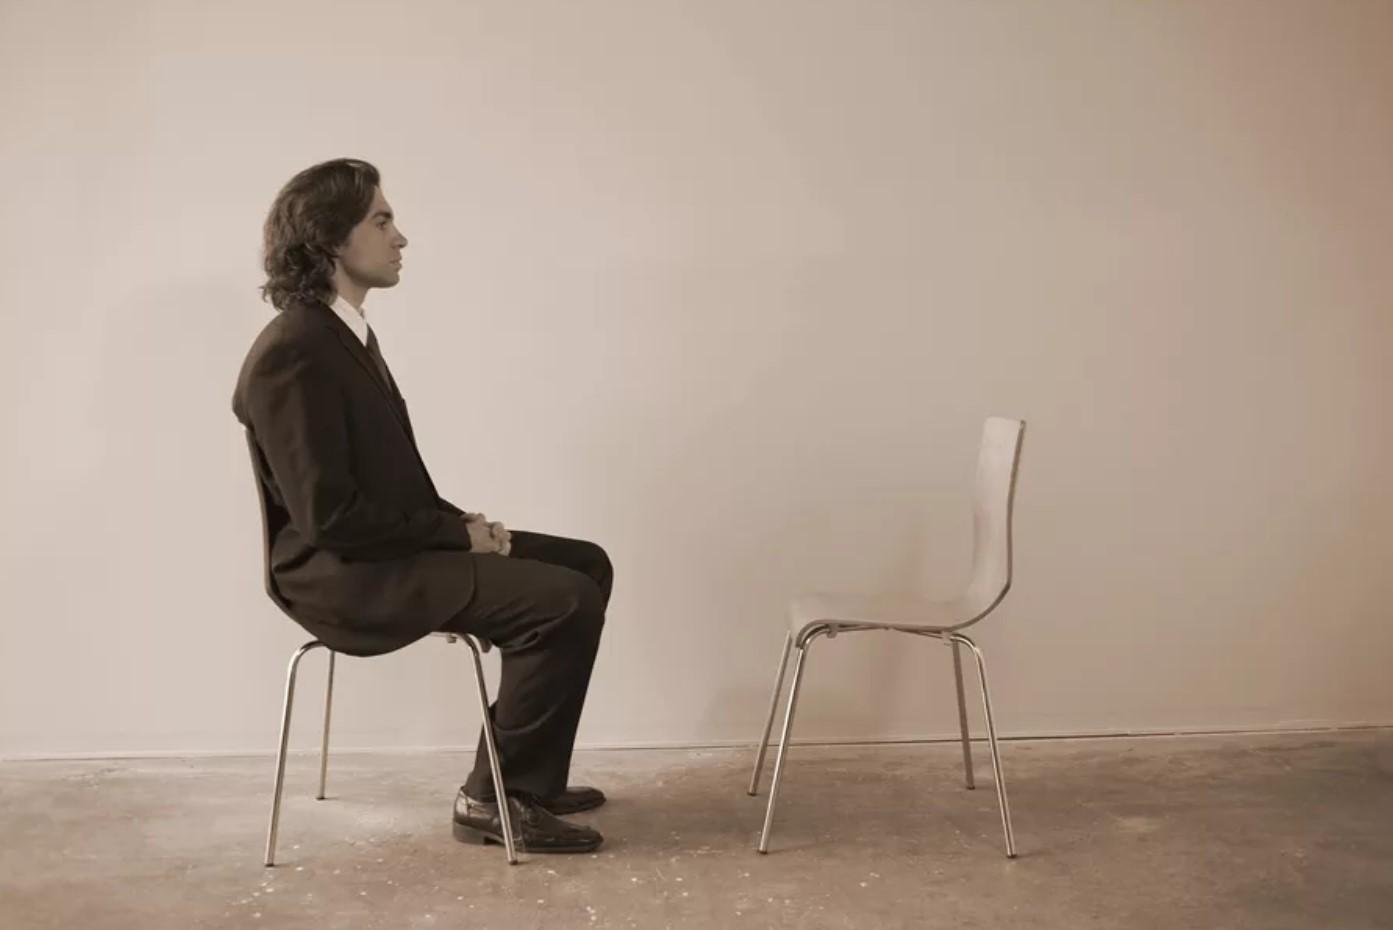 Эффективная психологическая методика - метод «Двух стульев»